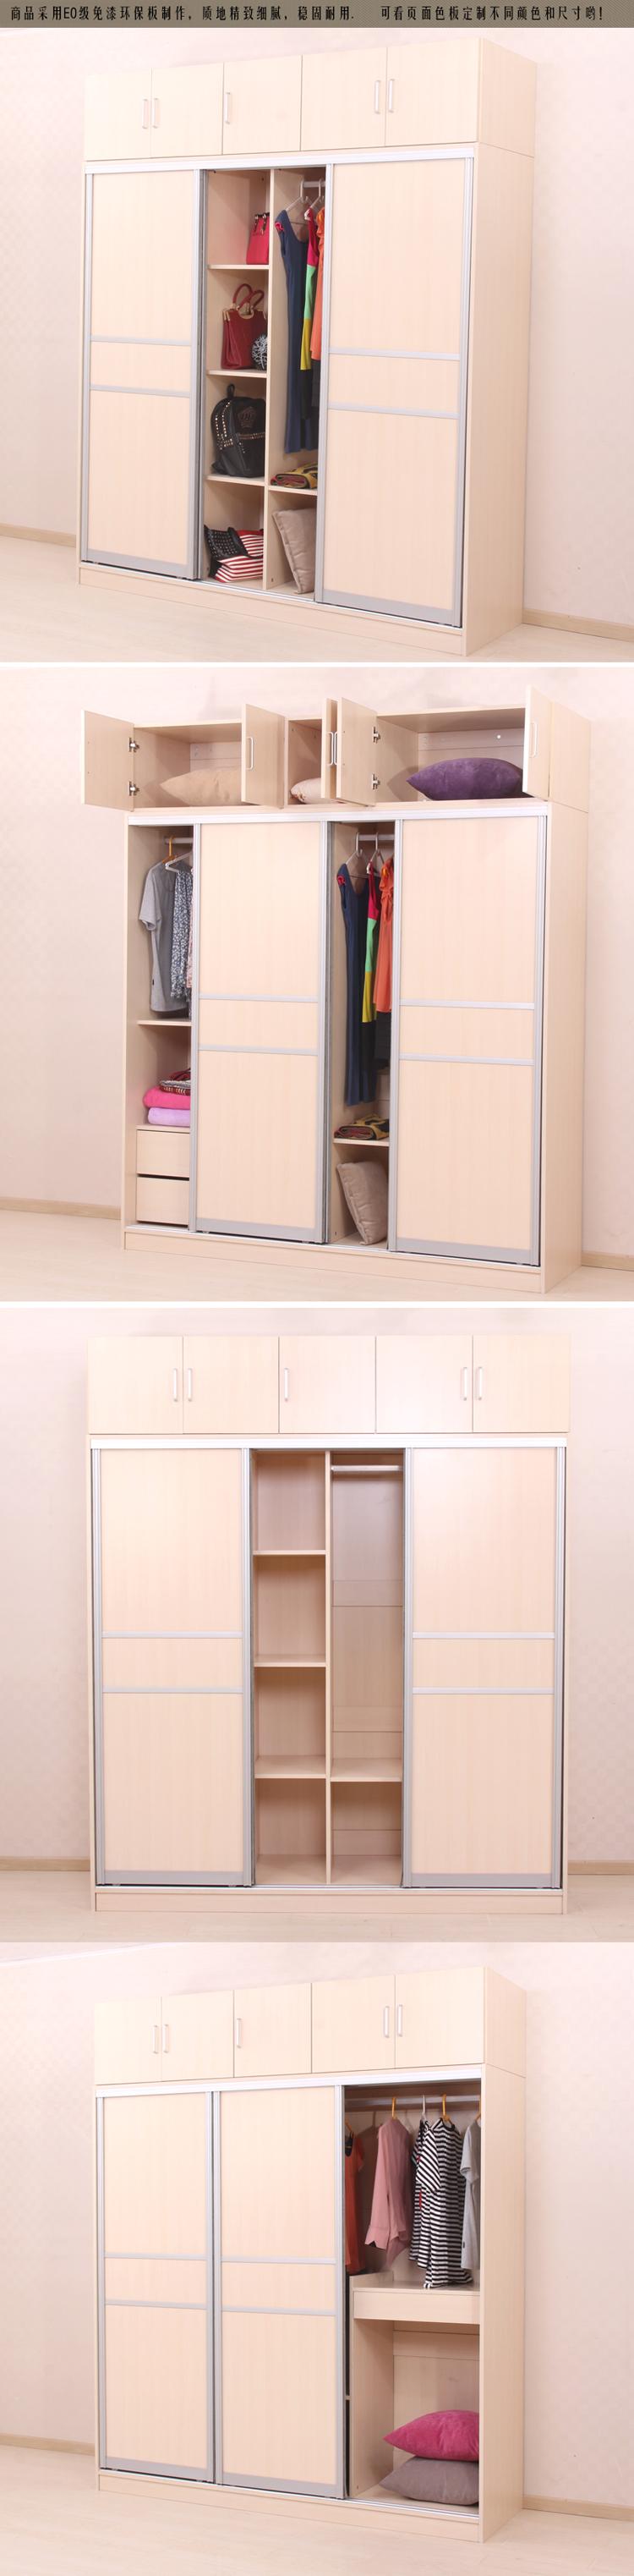 汉傲家具 现代简约推拉门衣柜 板式衣柜储物柜 带顶柜